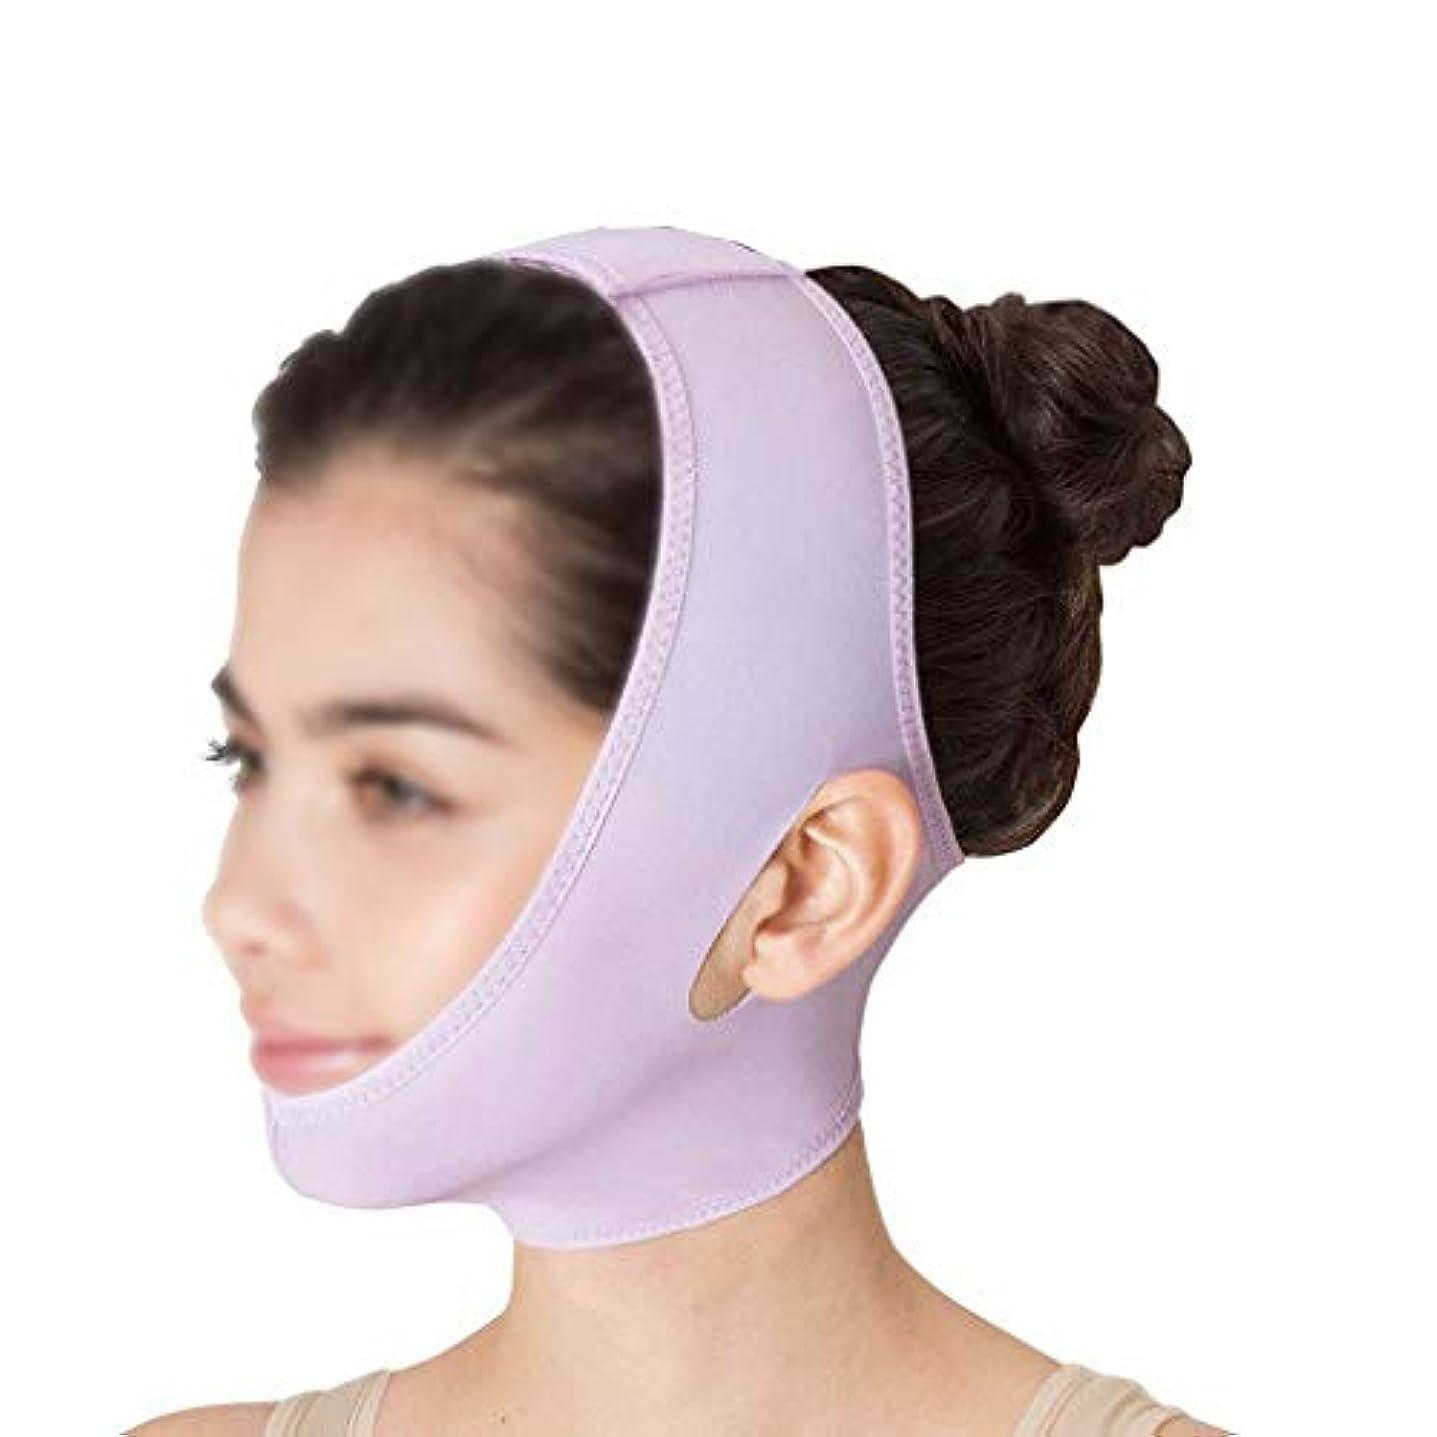 維持ジーンズ個性GLJJQMY 薄いマスク通気性ビーム面薄い二重あごは、小さなV面を作成するために頬睡眠マスクを防ぎます 顔用整形マスク